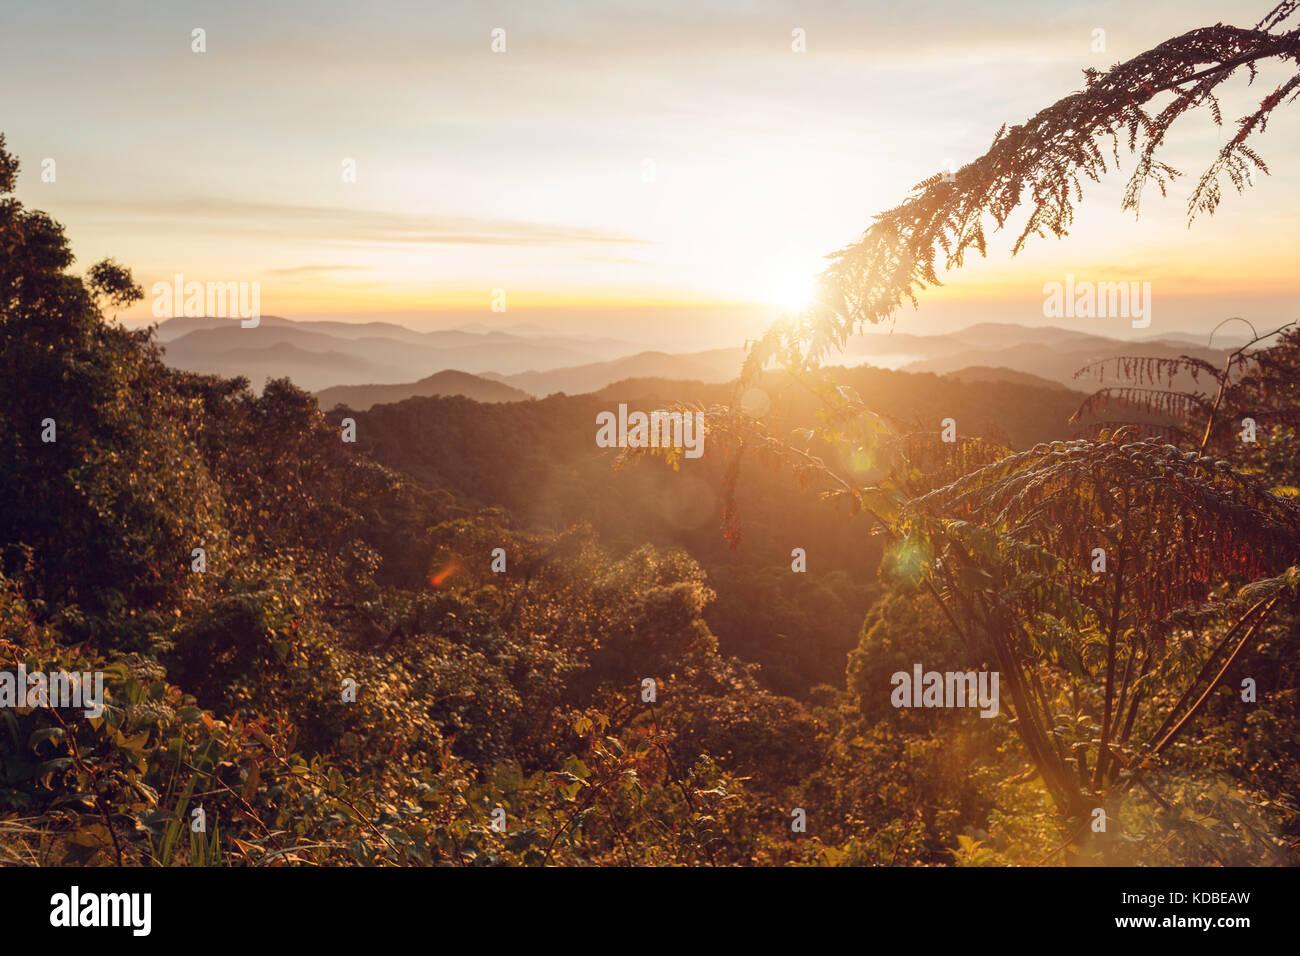 Warme Sunrise in einem Berggebiet in Malaysia Stockbild